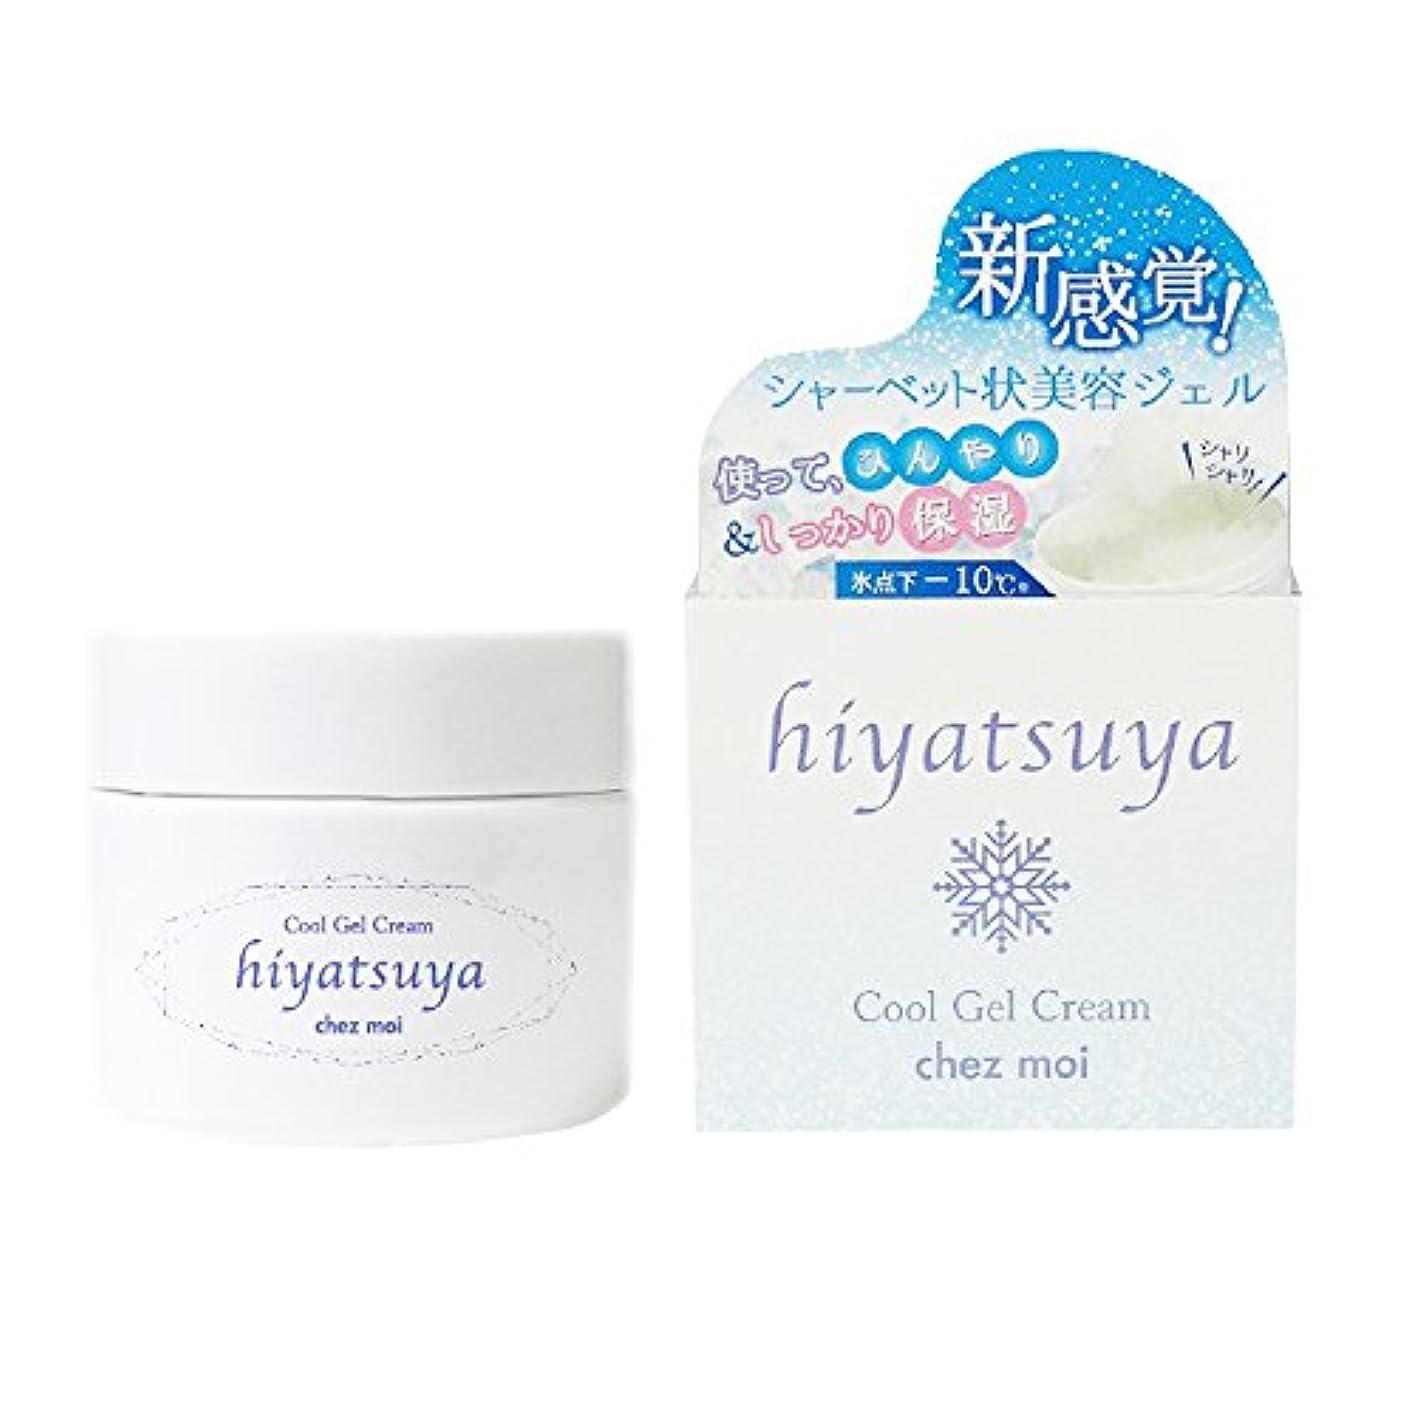 キロメートルモスクインチシェモア hiyatsuya(ヒヤツヤ) cool gel cream 70g